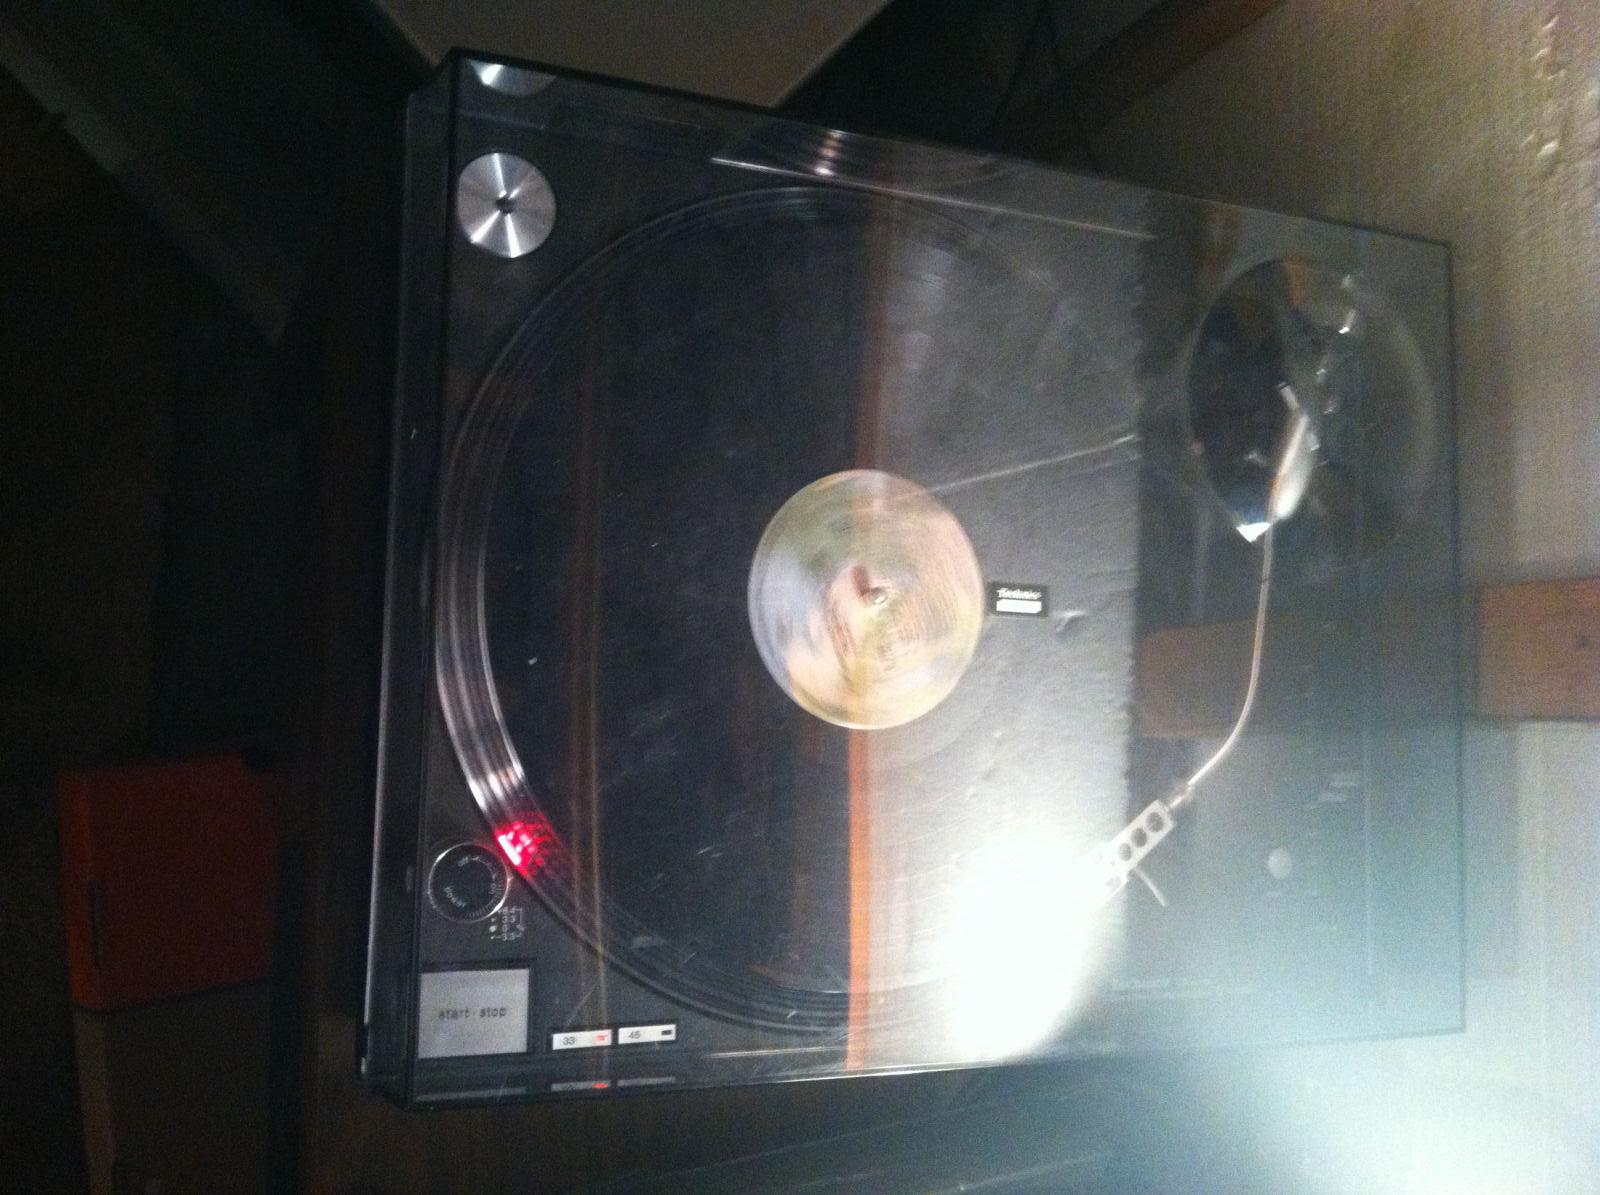 [Sprzedam] Sprzedam gramofon  Technics SL 1210 MK5 (idealny stan , sprawny 100%)